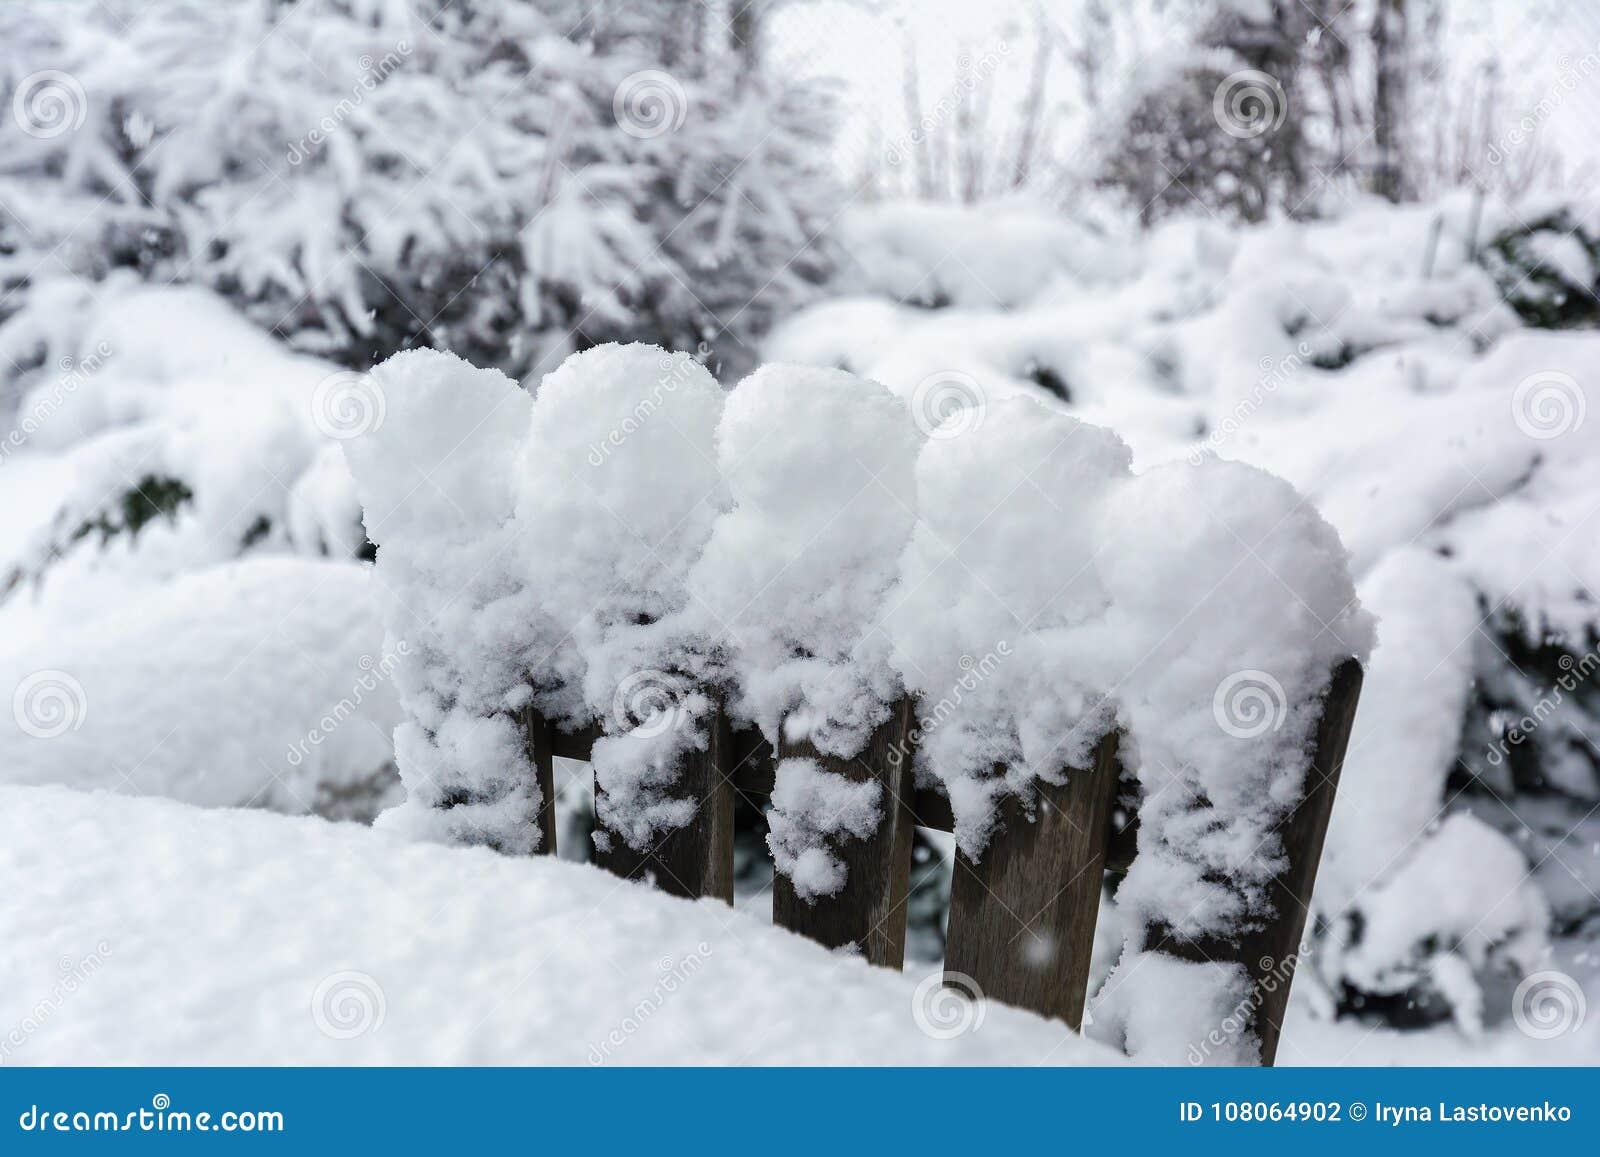 Vinter snöfall i trädgården Tabell och stolar med snö